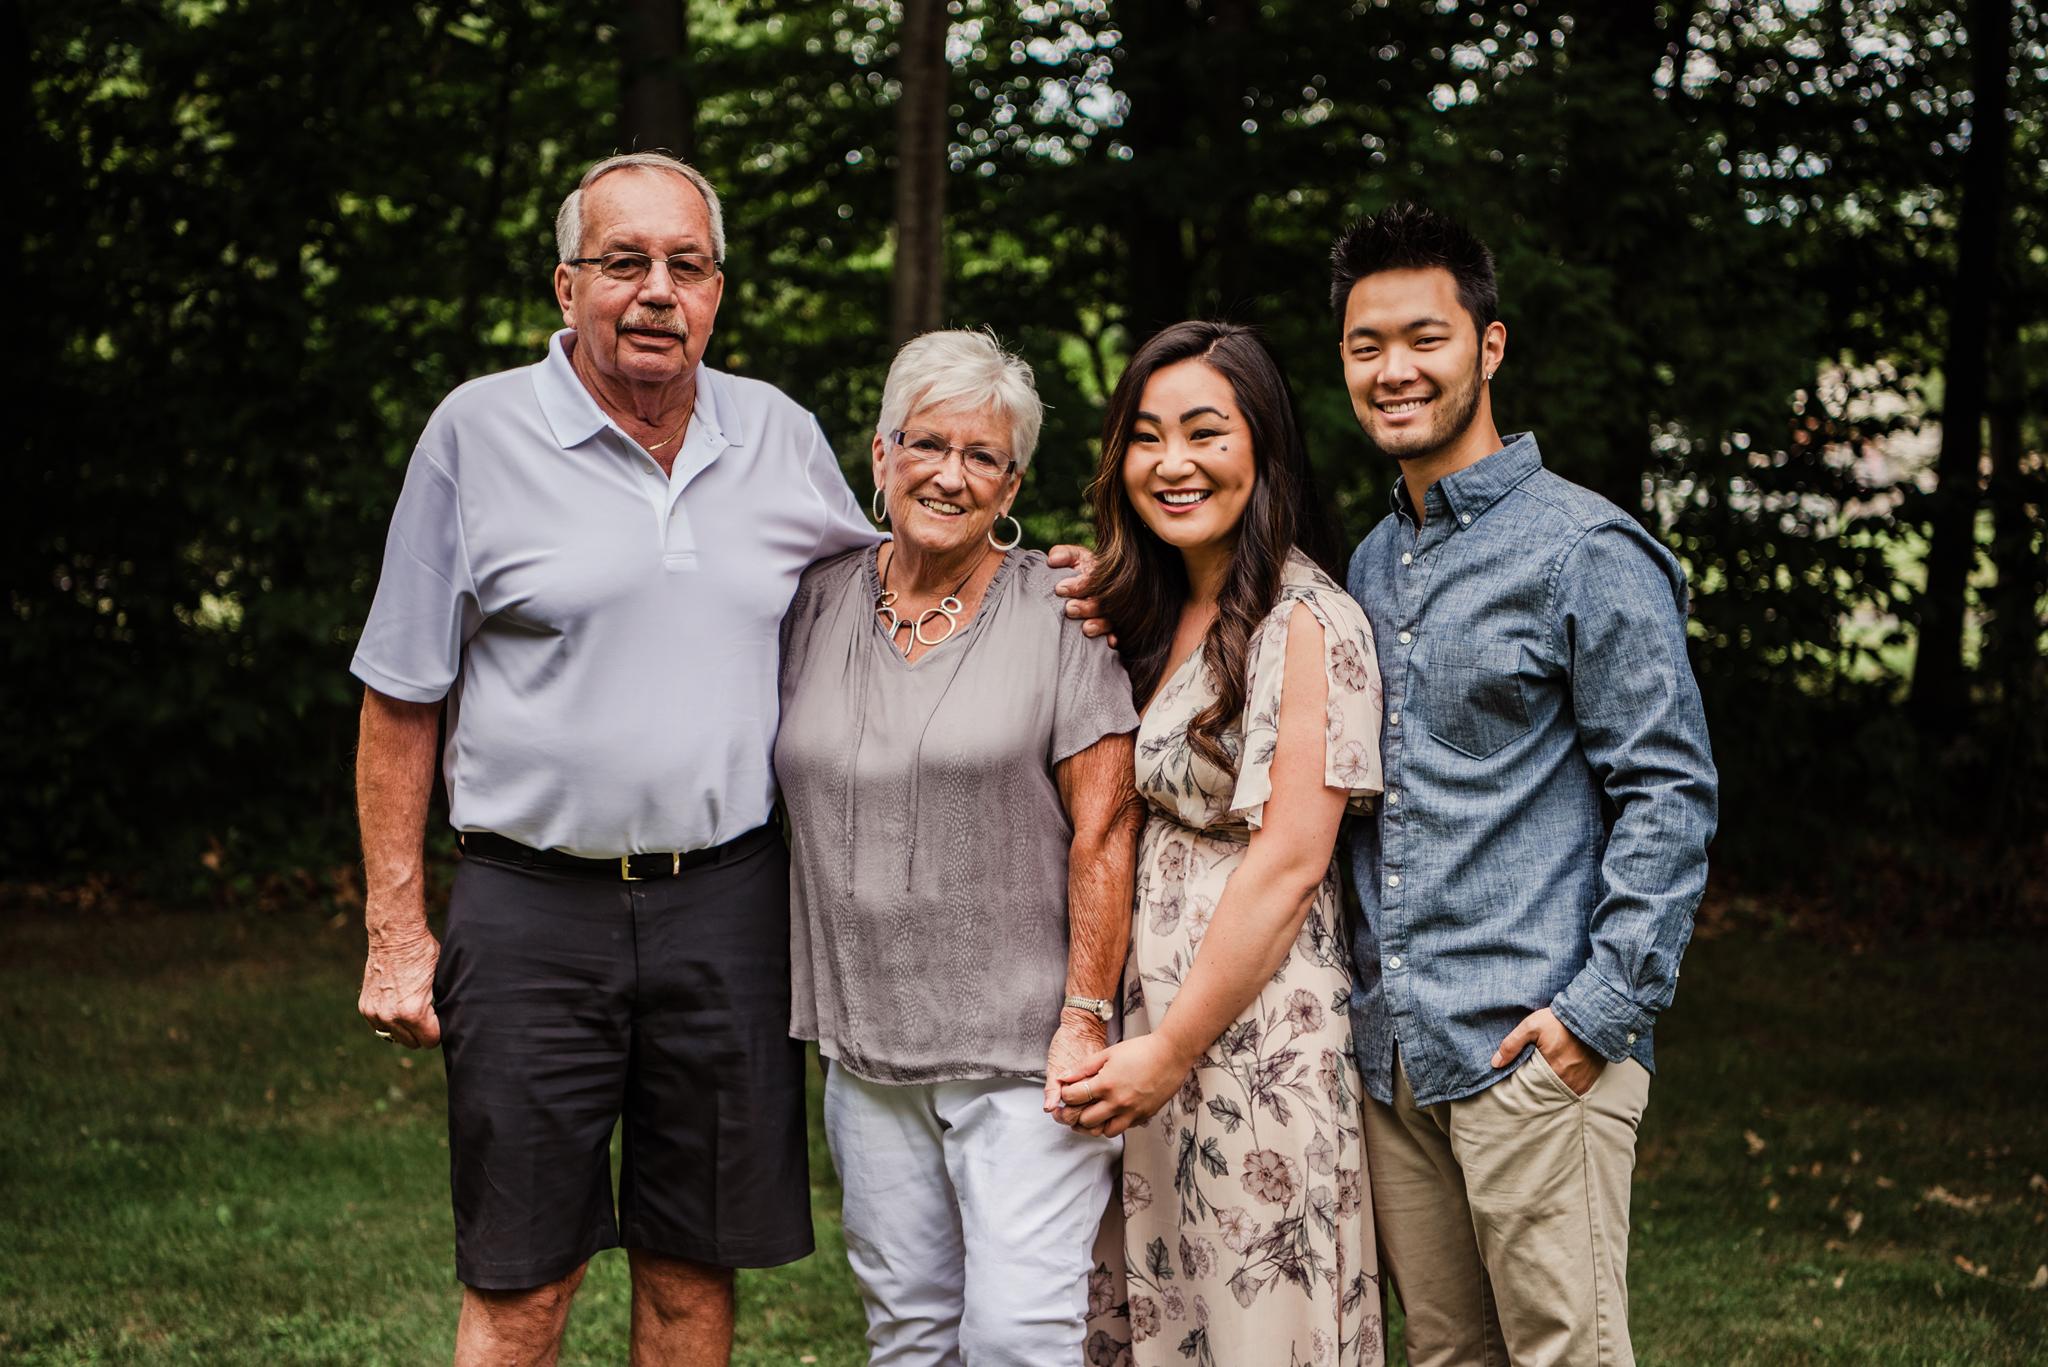 Our_Family_2019_Rochester_Family_Session_JILL_STUDIO_Rochester_NY_Photographer_DSC_5278.jpg